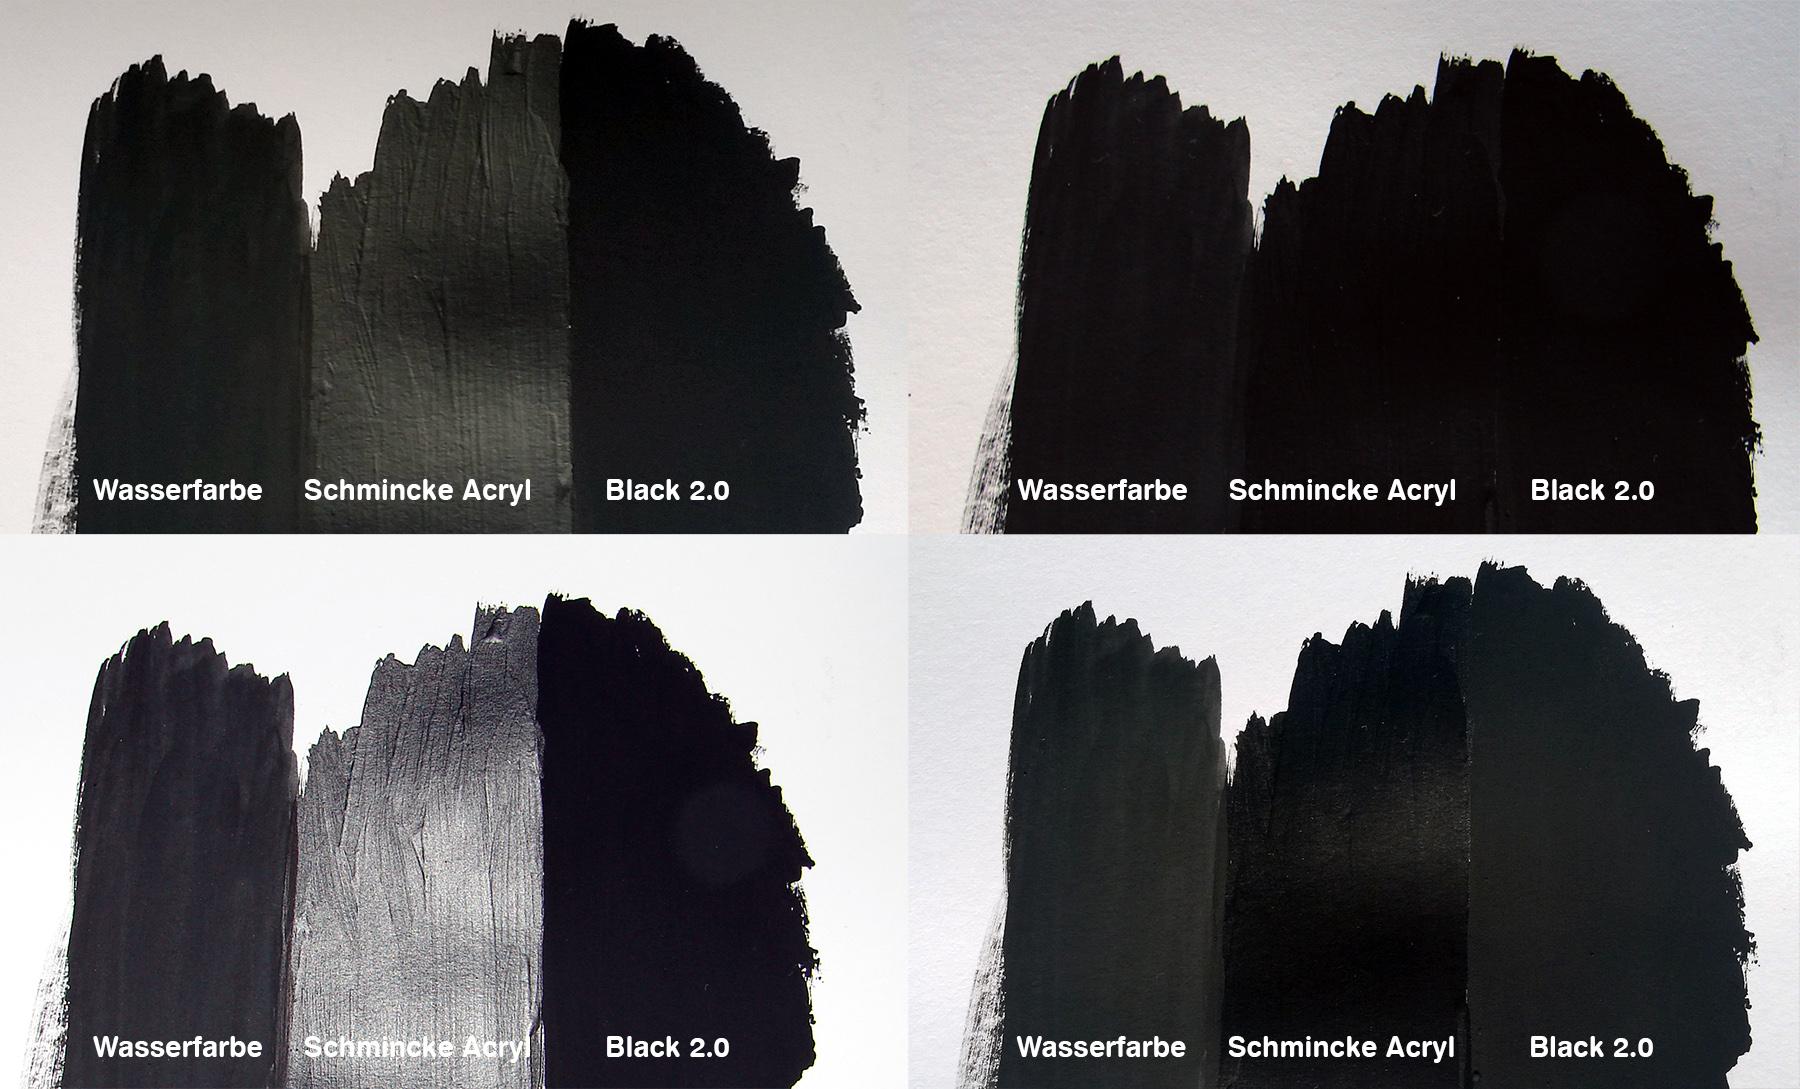 Black 2.0 verglichen mit Wasserfarbe und Schmincke Acrylfarbe